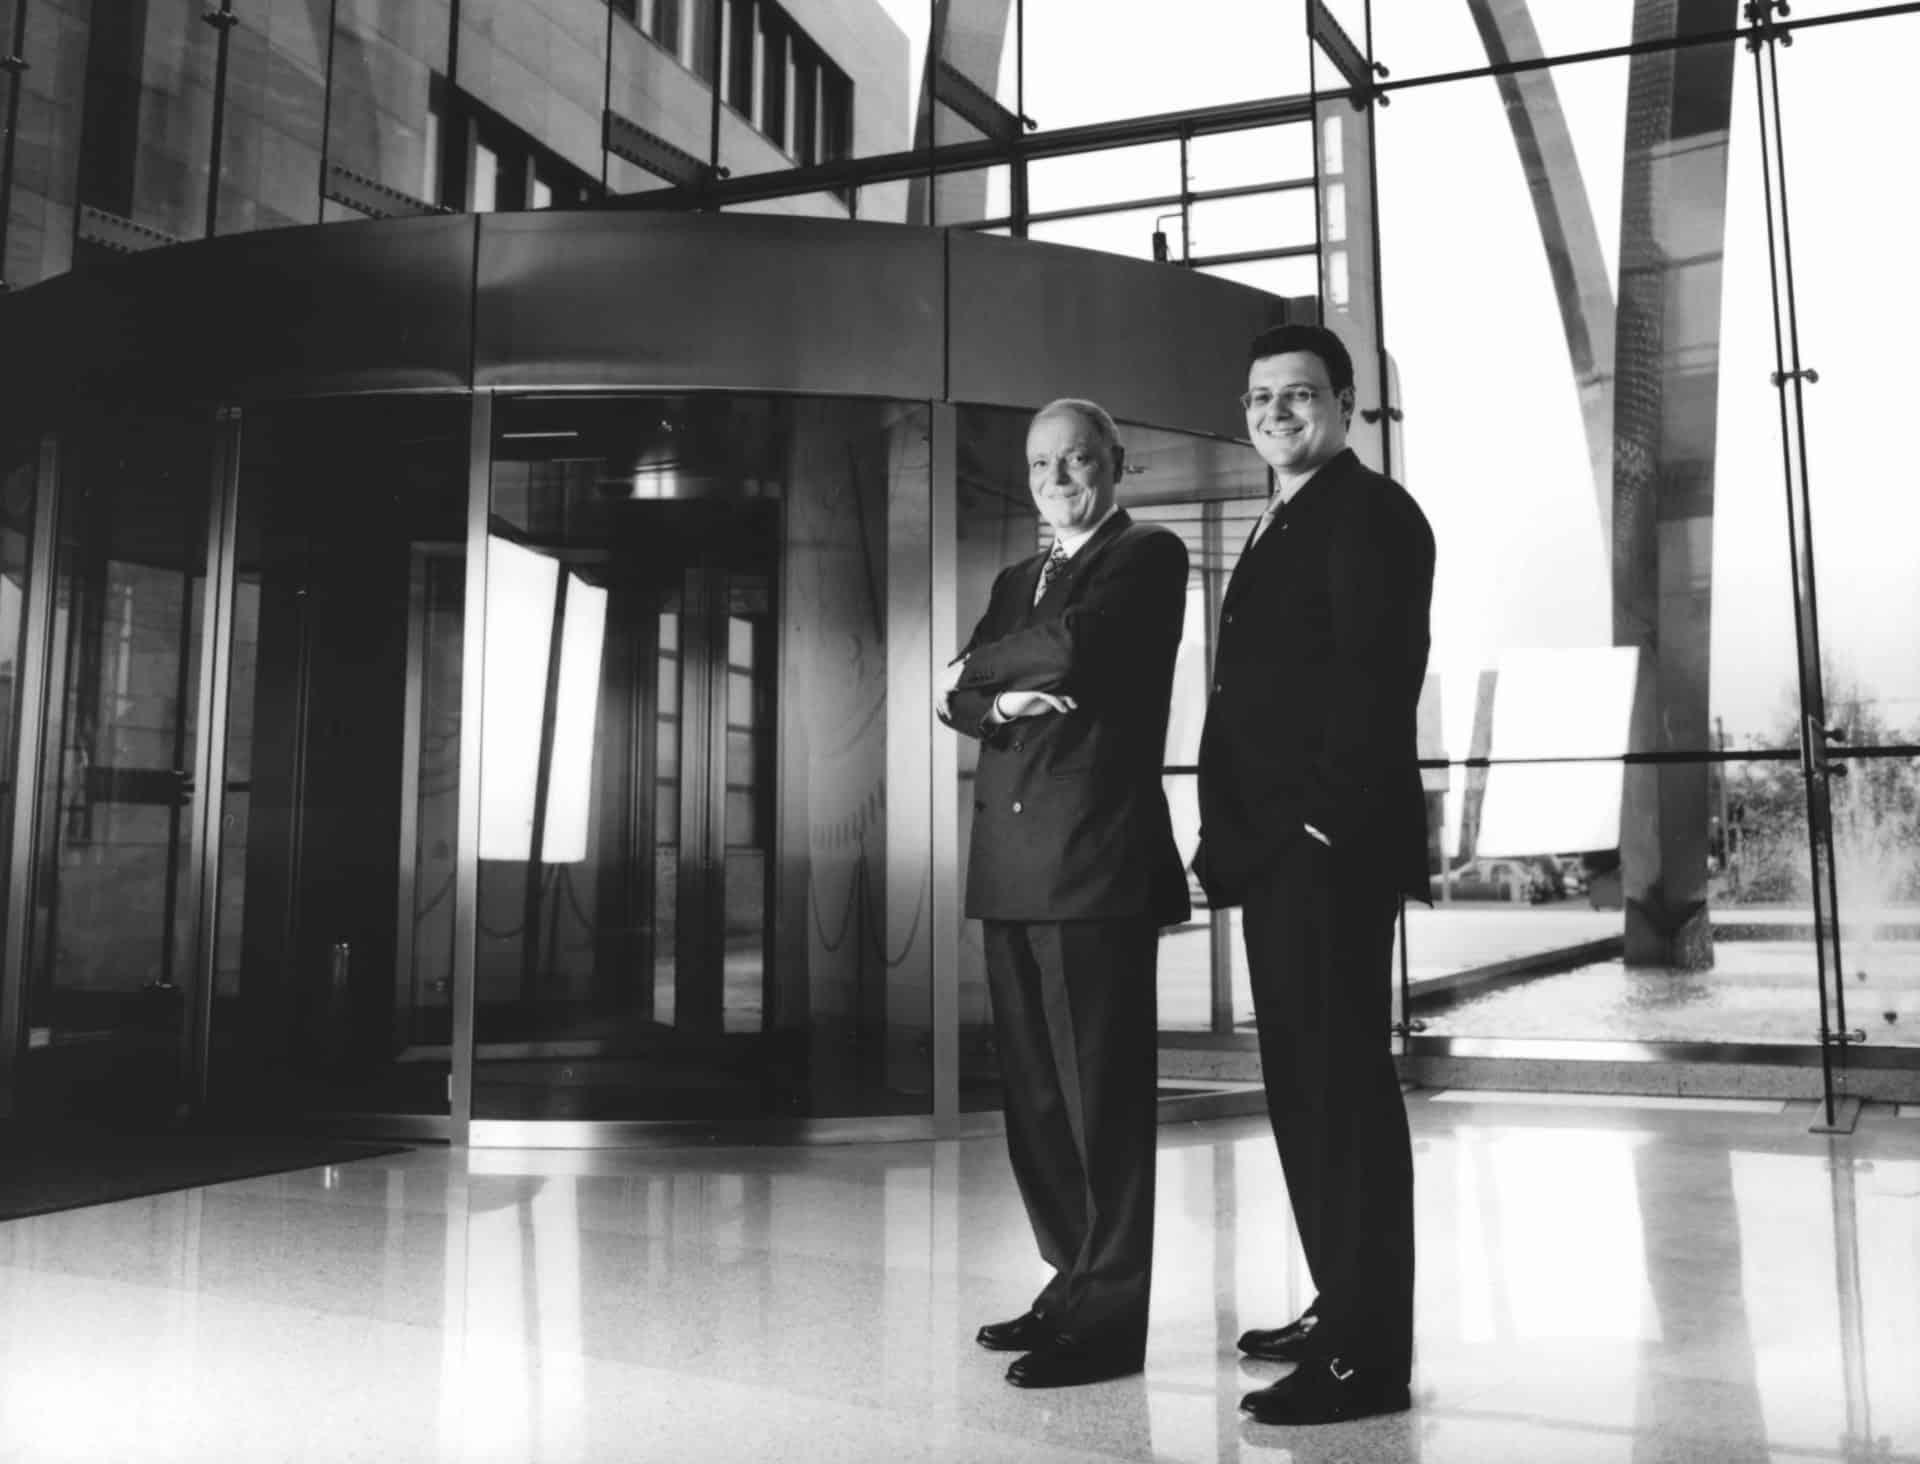 Philippe und Thierry Stern